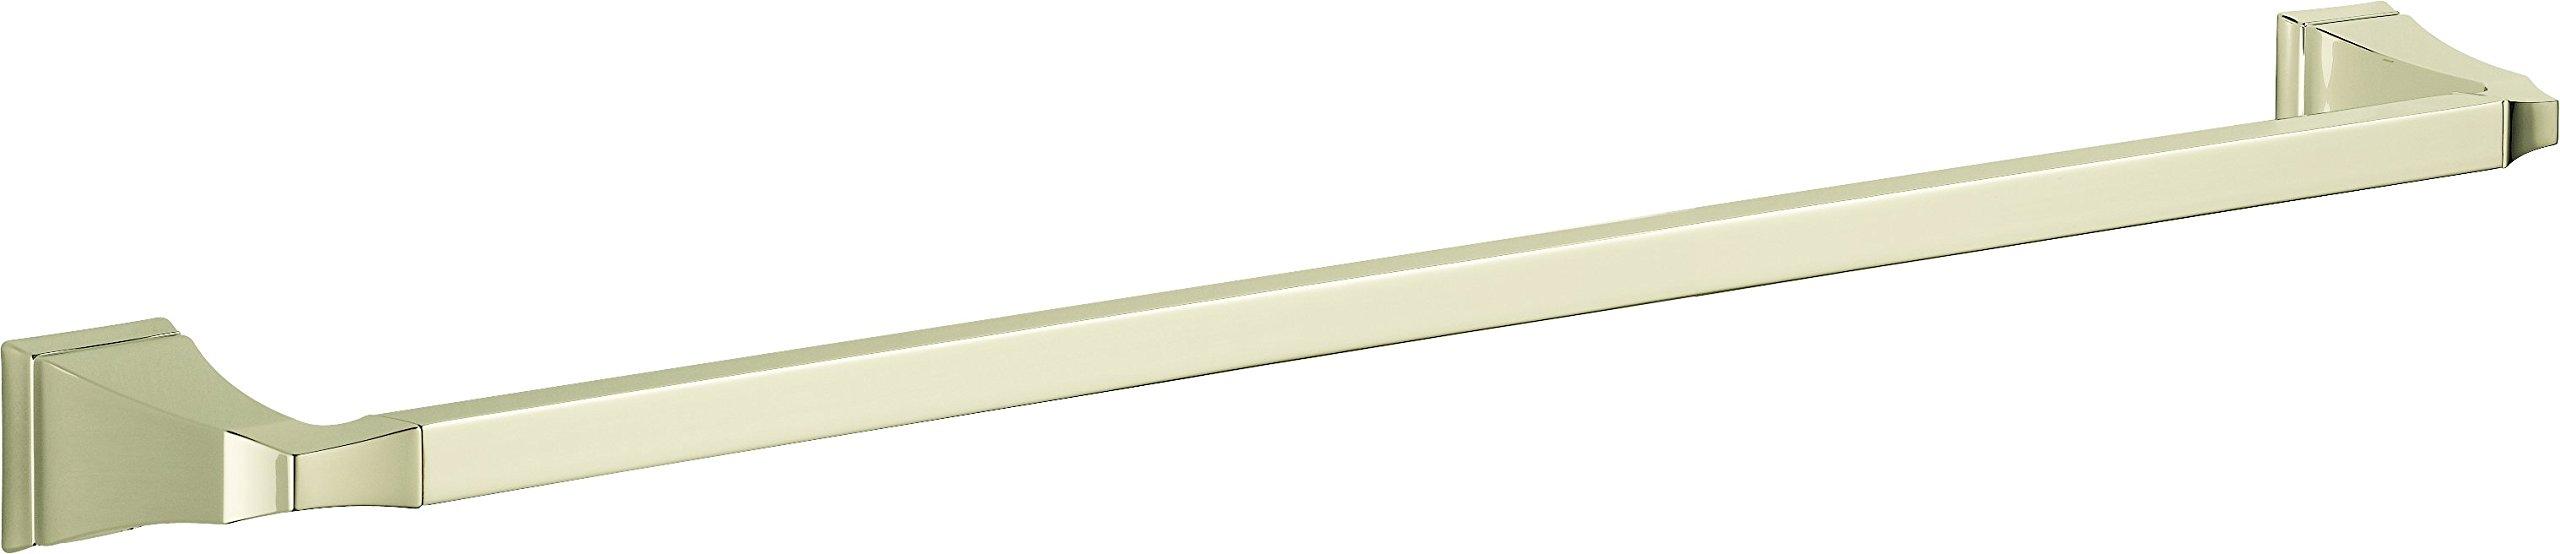 Delta Faucet 75130-PN Dryden Towel Bar, Polished Nickel